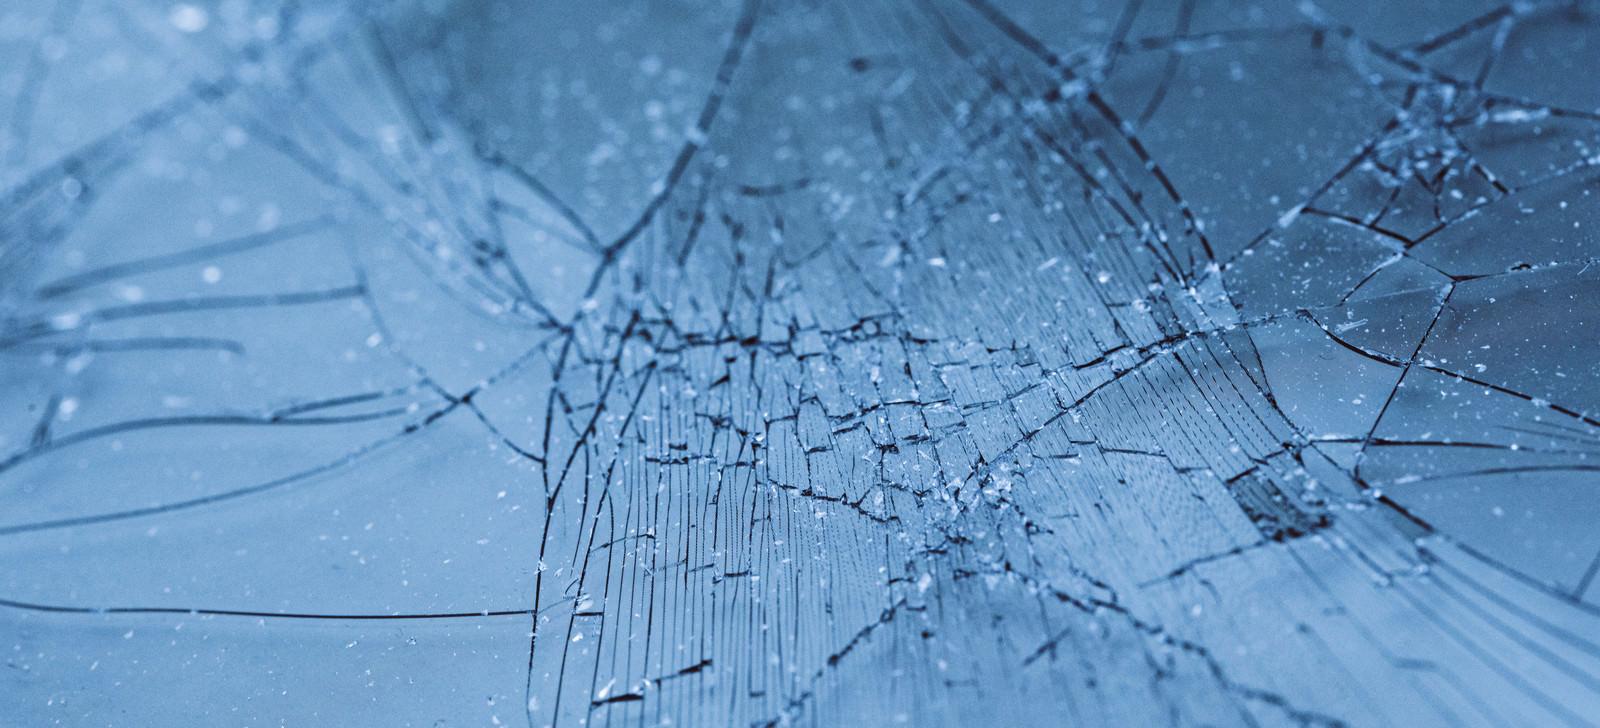 「損傷したガラスフィルム」の写真